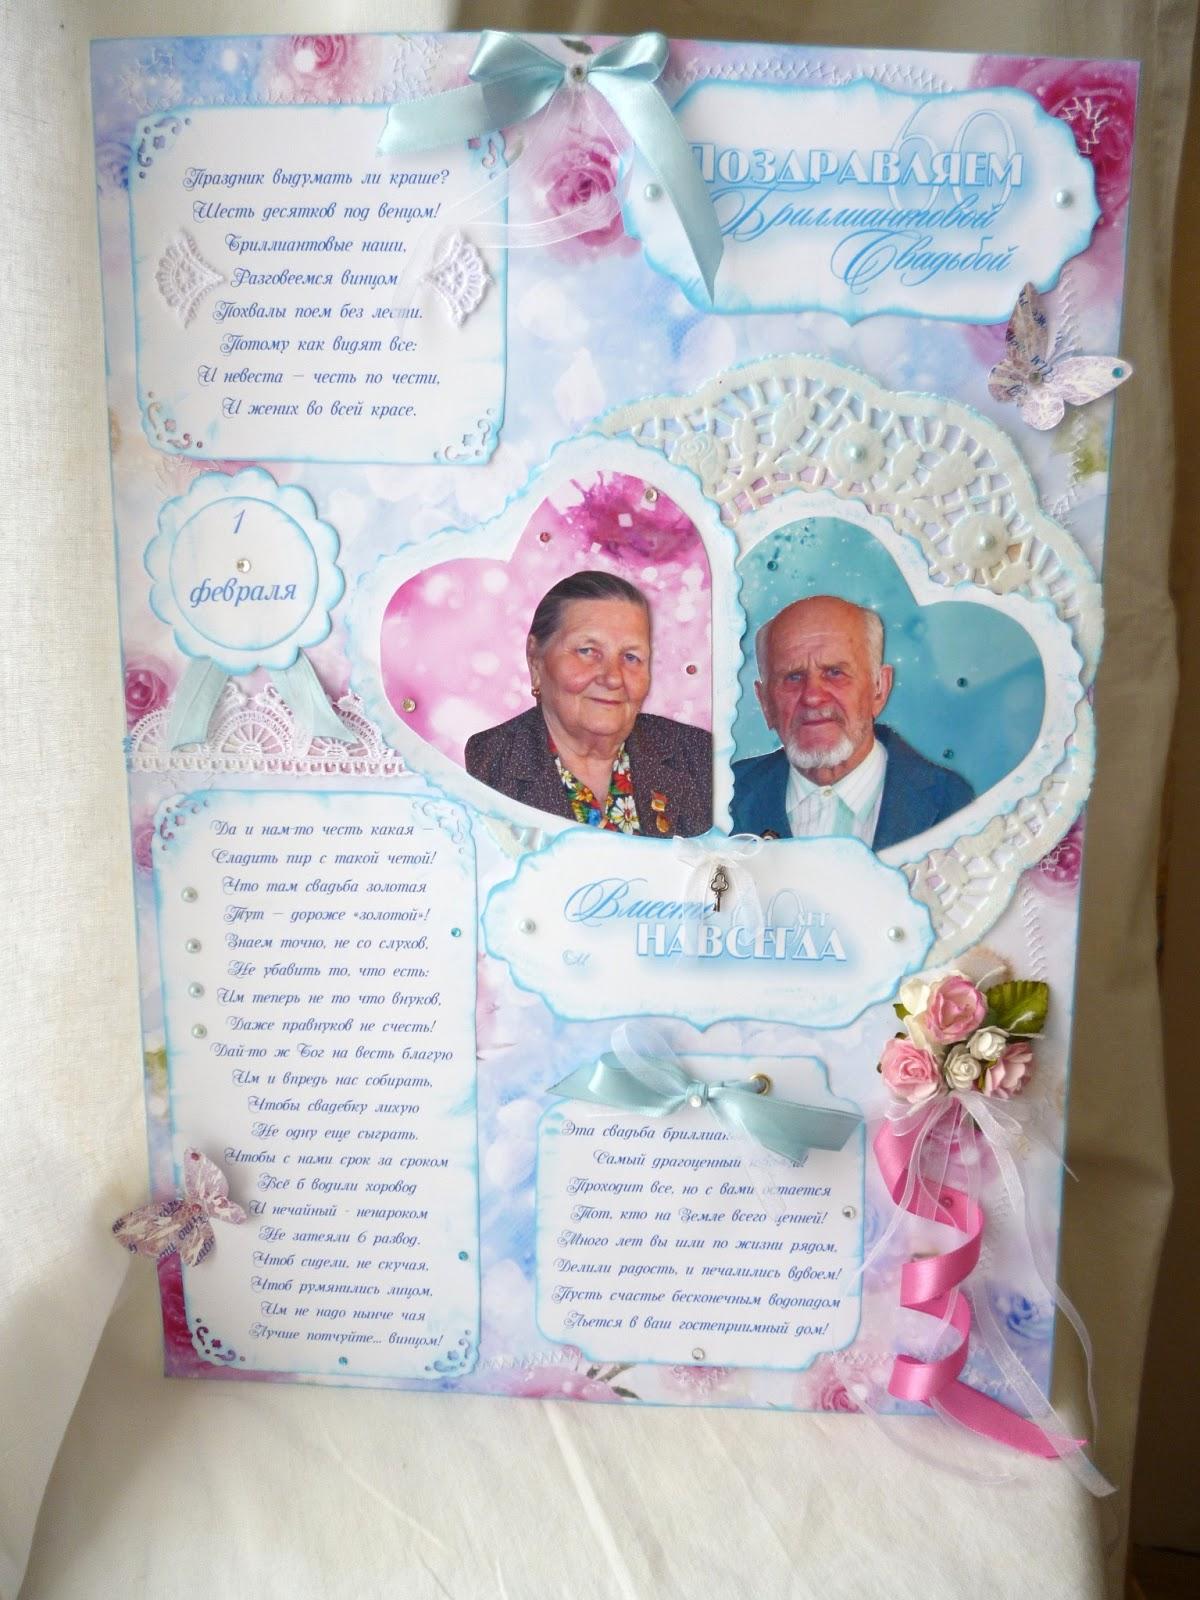 Поздравления с 60-летием свадьбы от правнуков